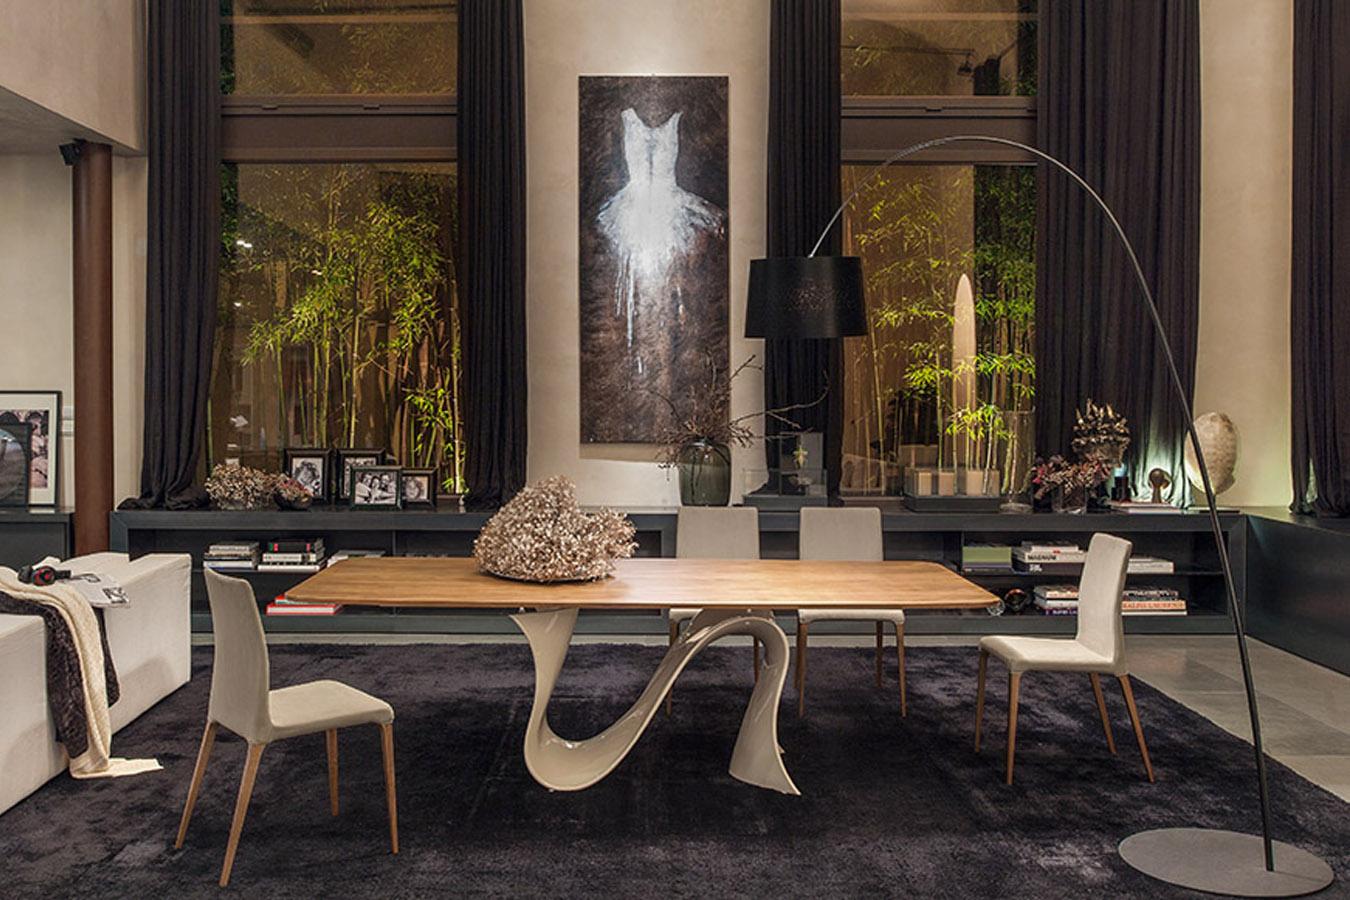 Tonin-casa-tavolo-Wave-moderno-design-rettangolare-legno-pranzo ...